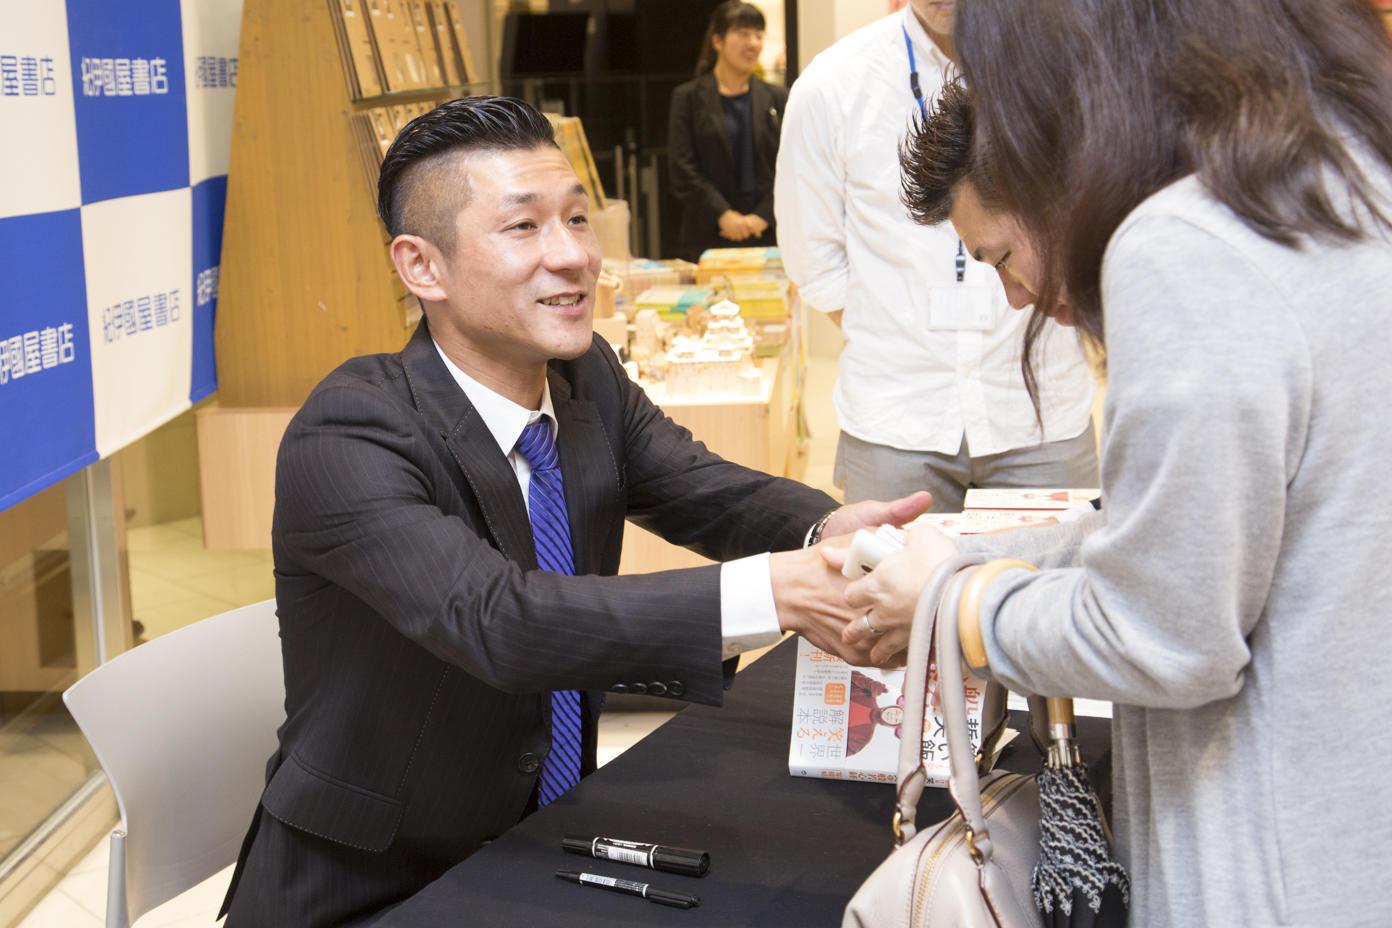 http://news.yoshimoto.co.jp/20170531222748-1f184f7f640dd633dcf31b2ebc81208bdc28bf78.jpg